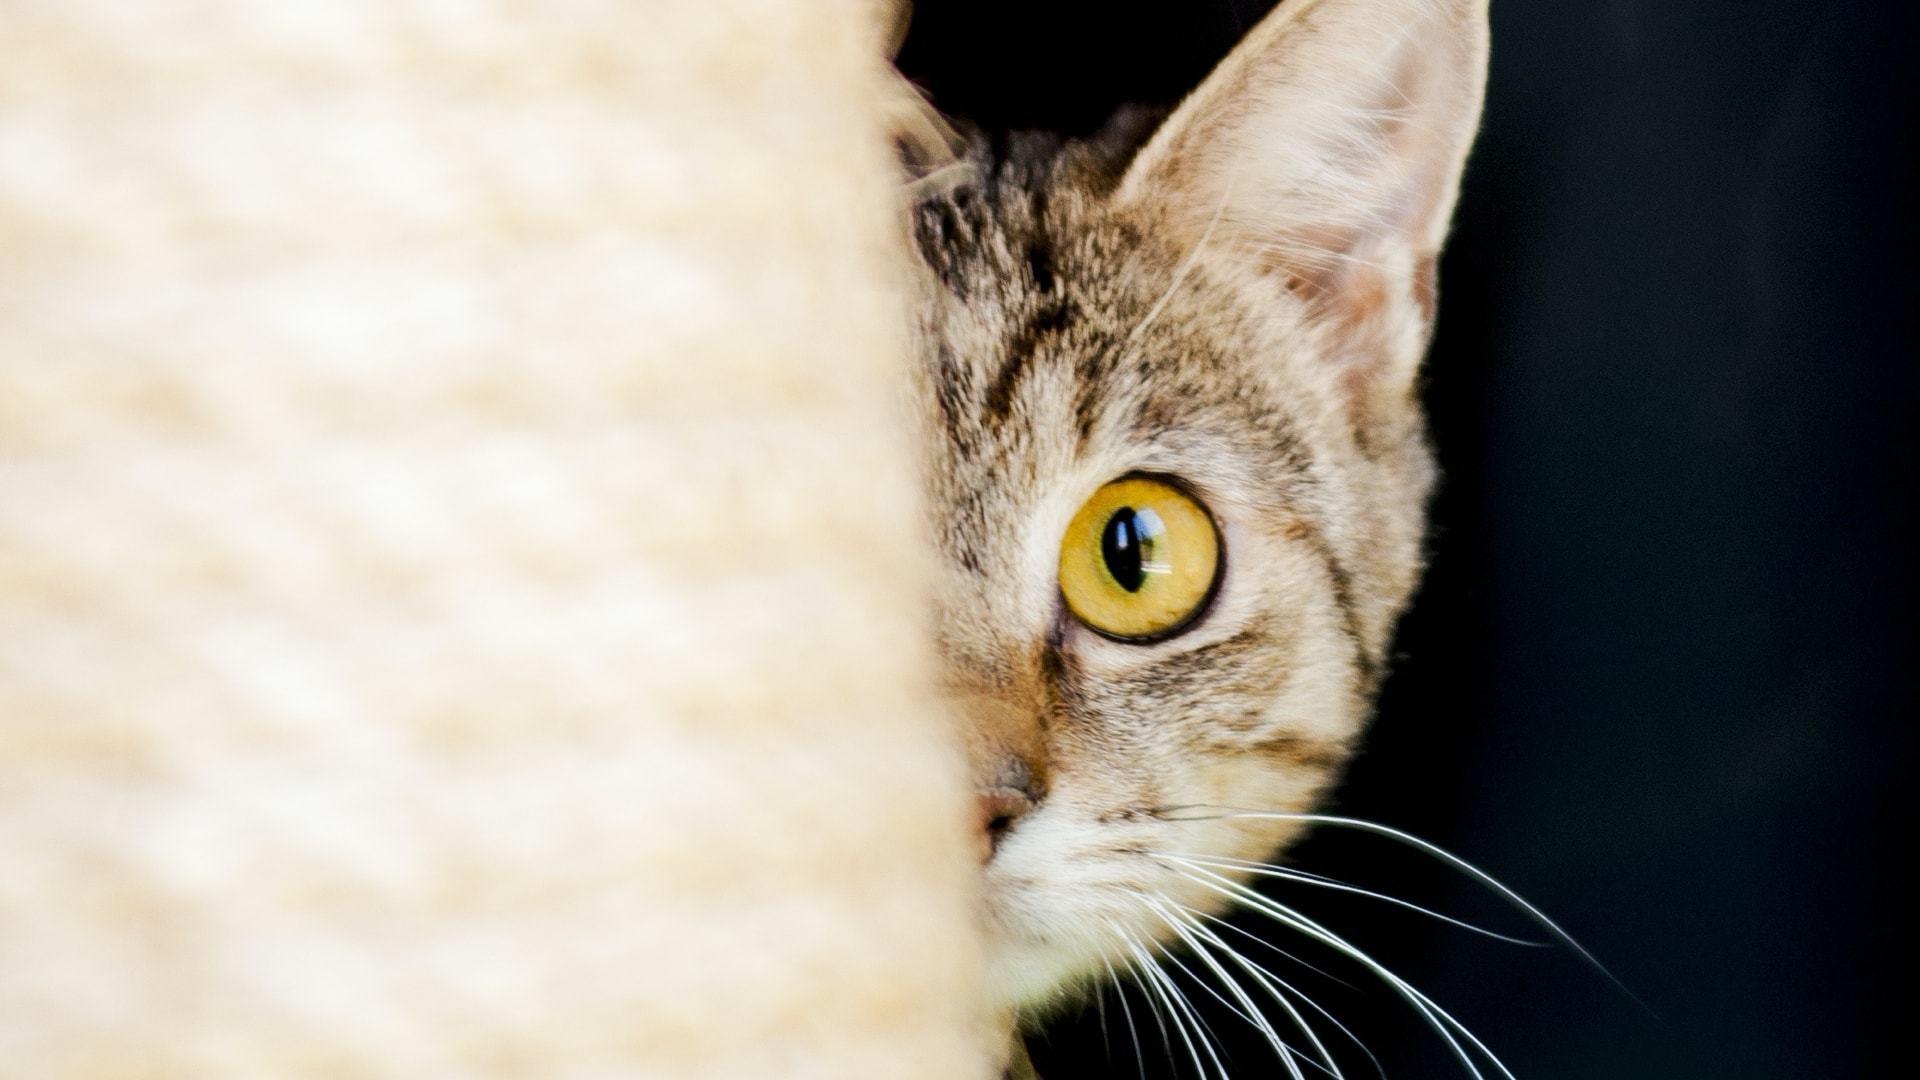 Rosto de um gato semi-encoberto por uma toalha.